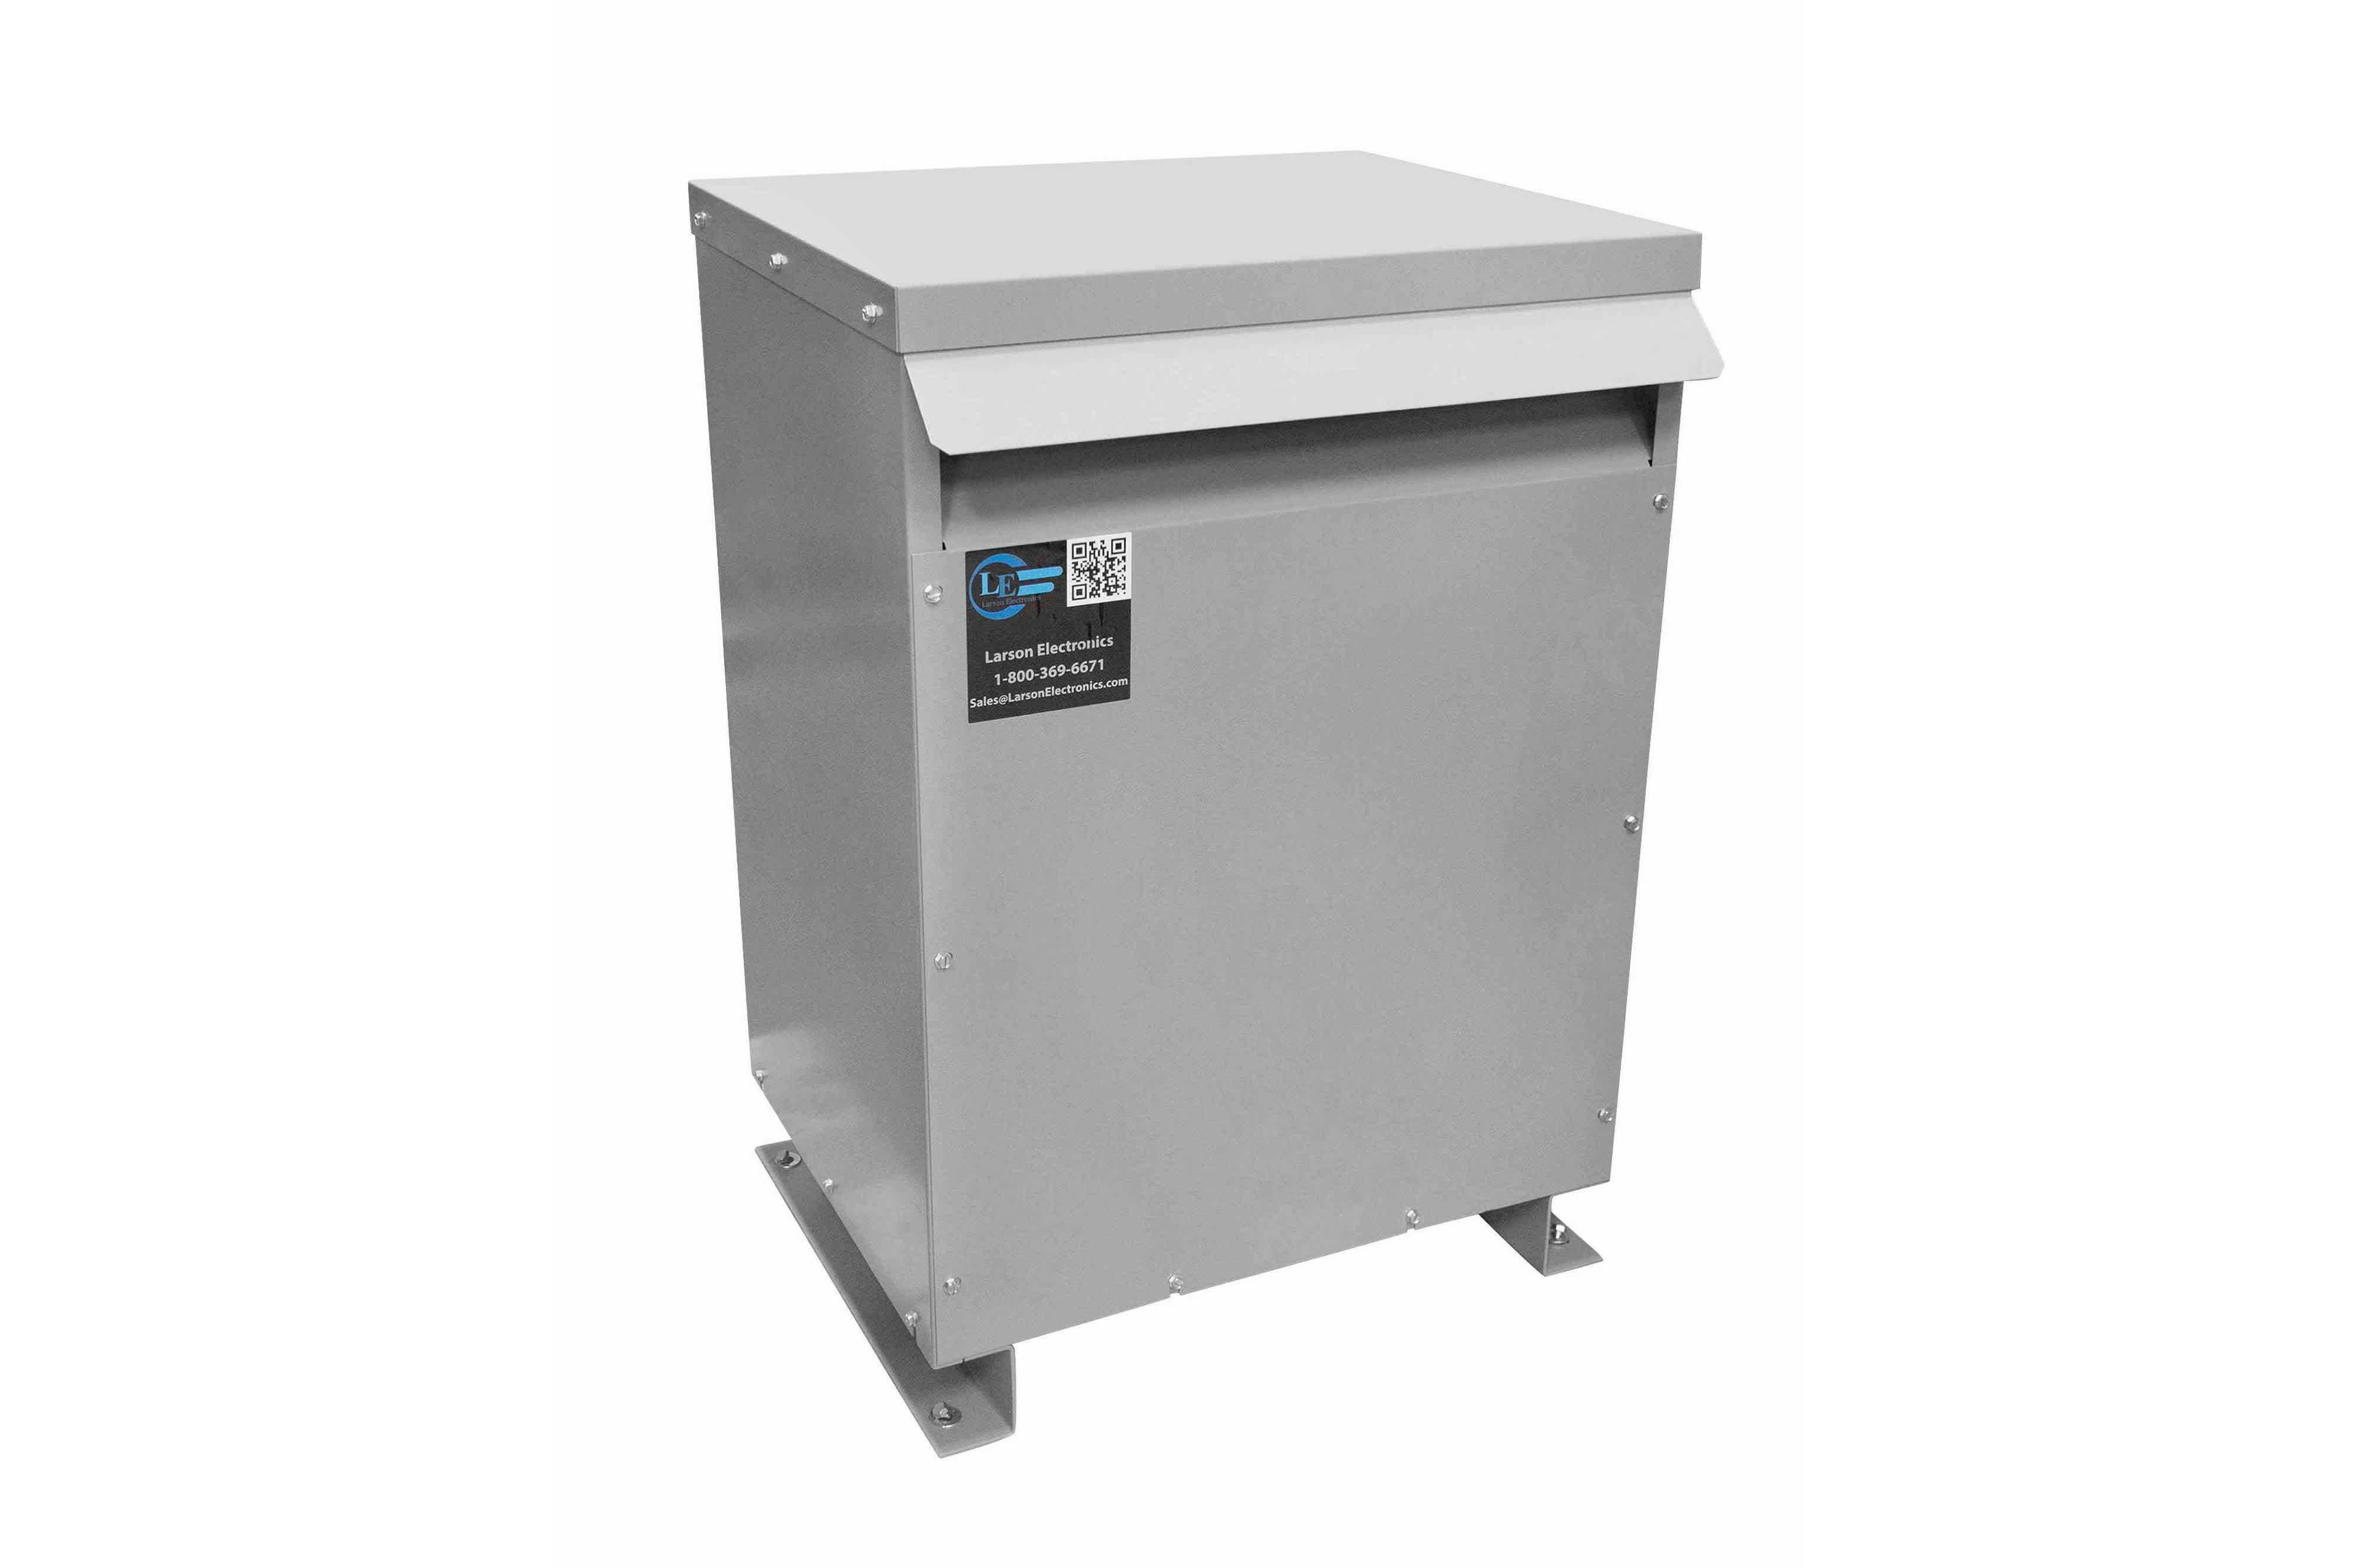 400 kVA 3PH Isolation Transformer, 460V Delta Primary, 240 Delta Secondary, N3R, Ventilated, 60 Hz